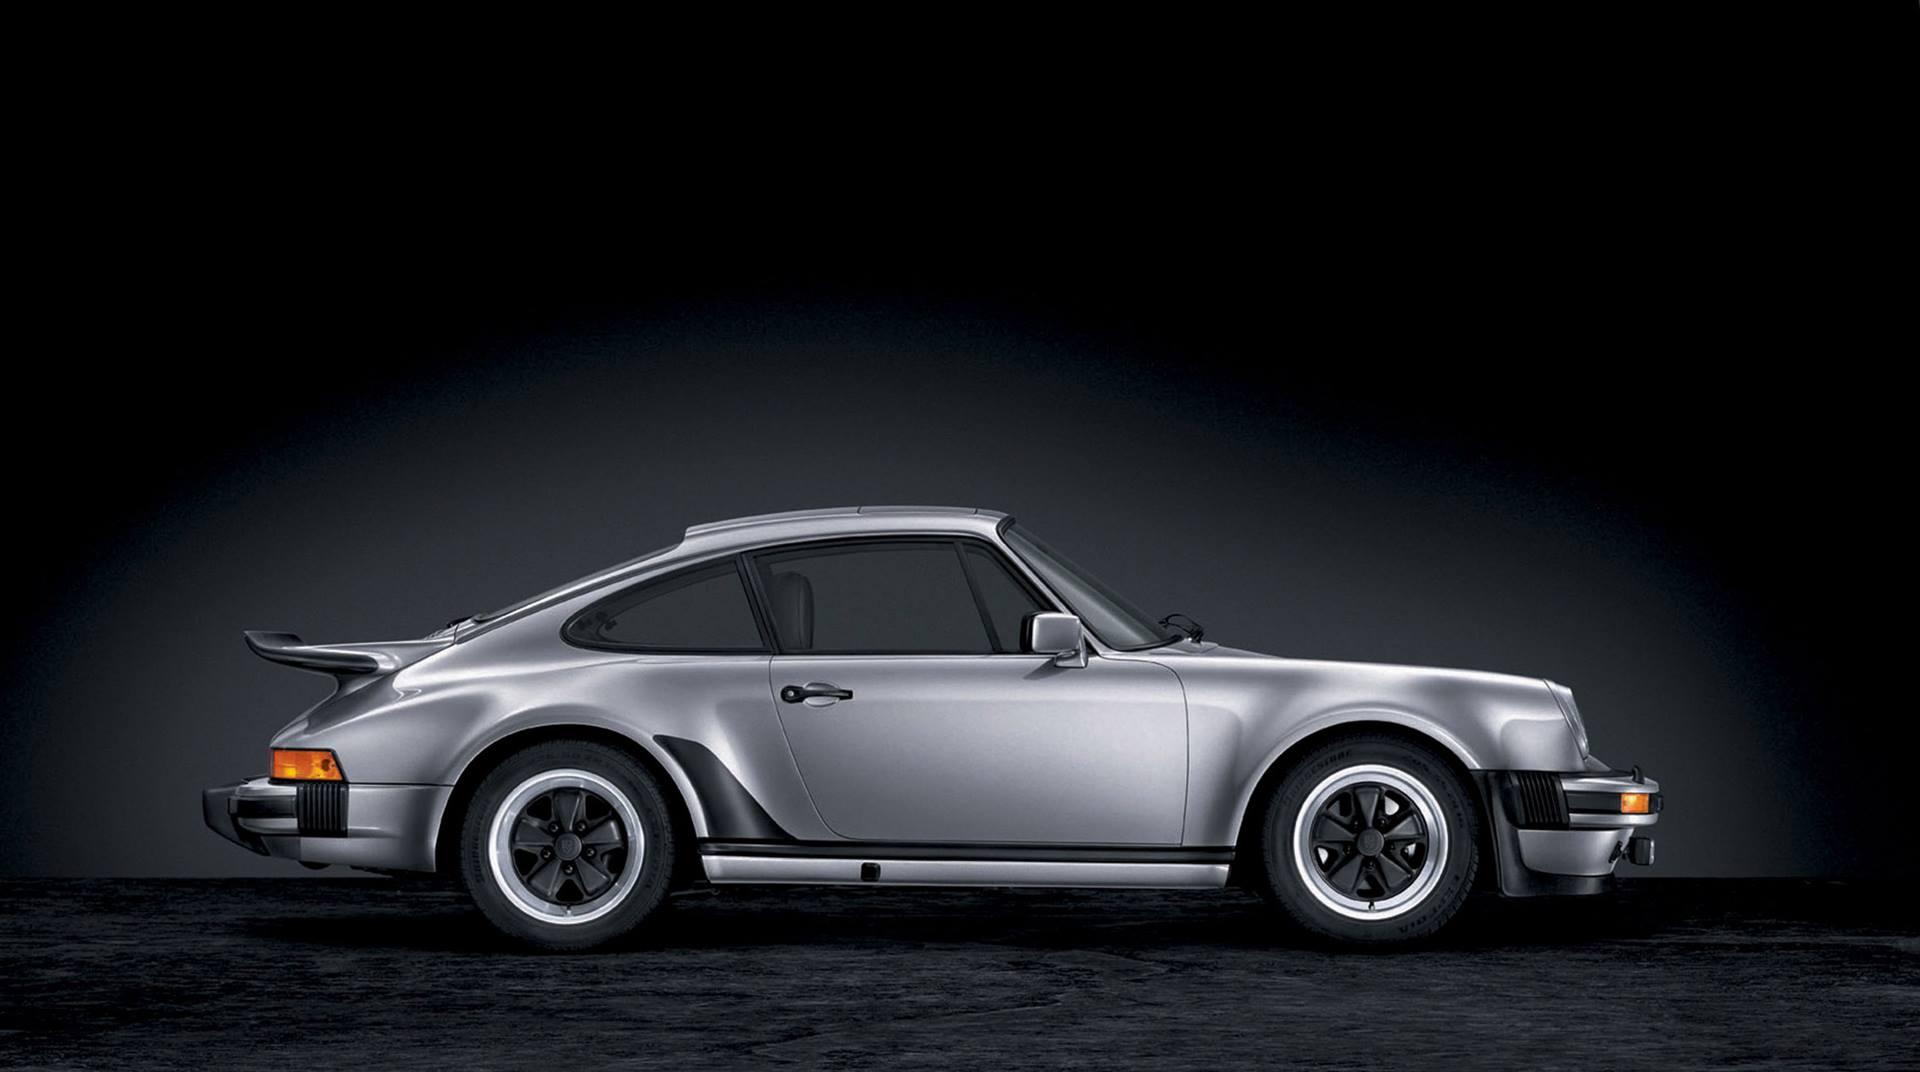 Porsche 911 Turbo (930) side profile